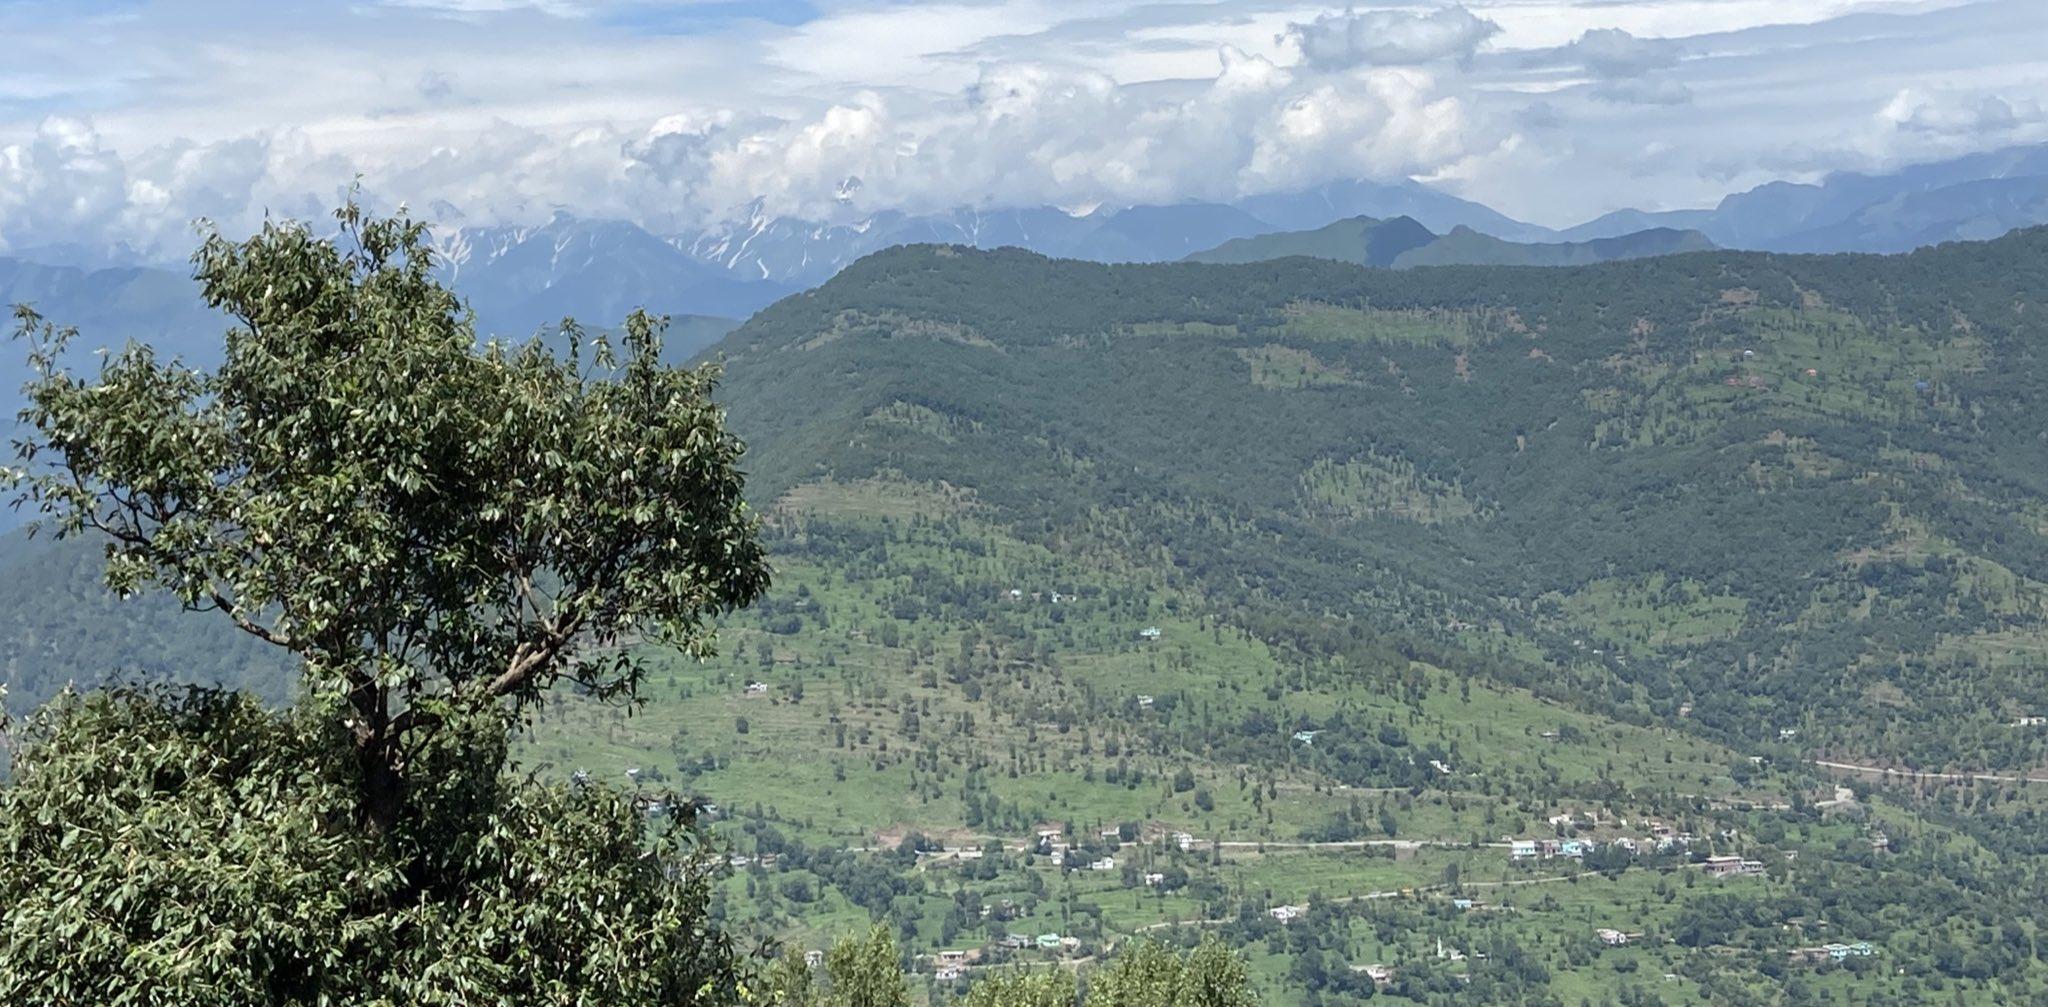 पीर पंजाल रेंज में जहां मुठभेड़ हुई, वह इलाका LOC के बेहद नजदीक है।